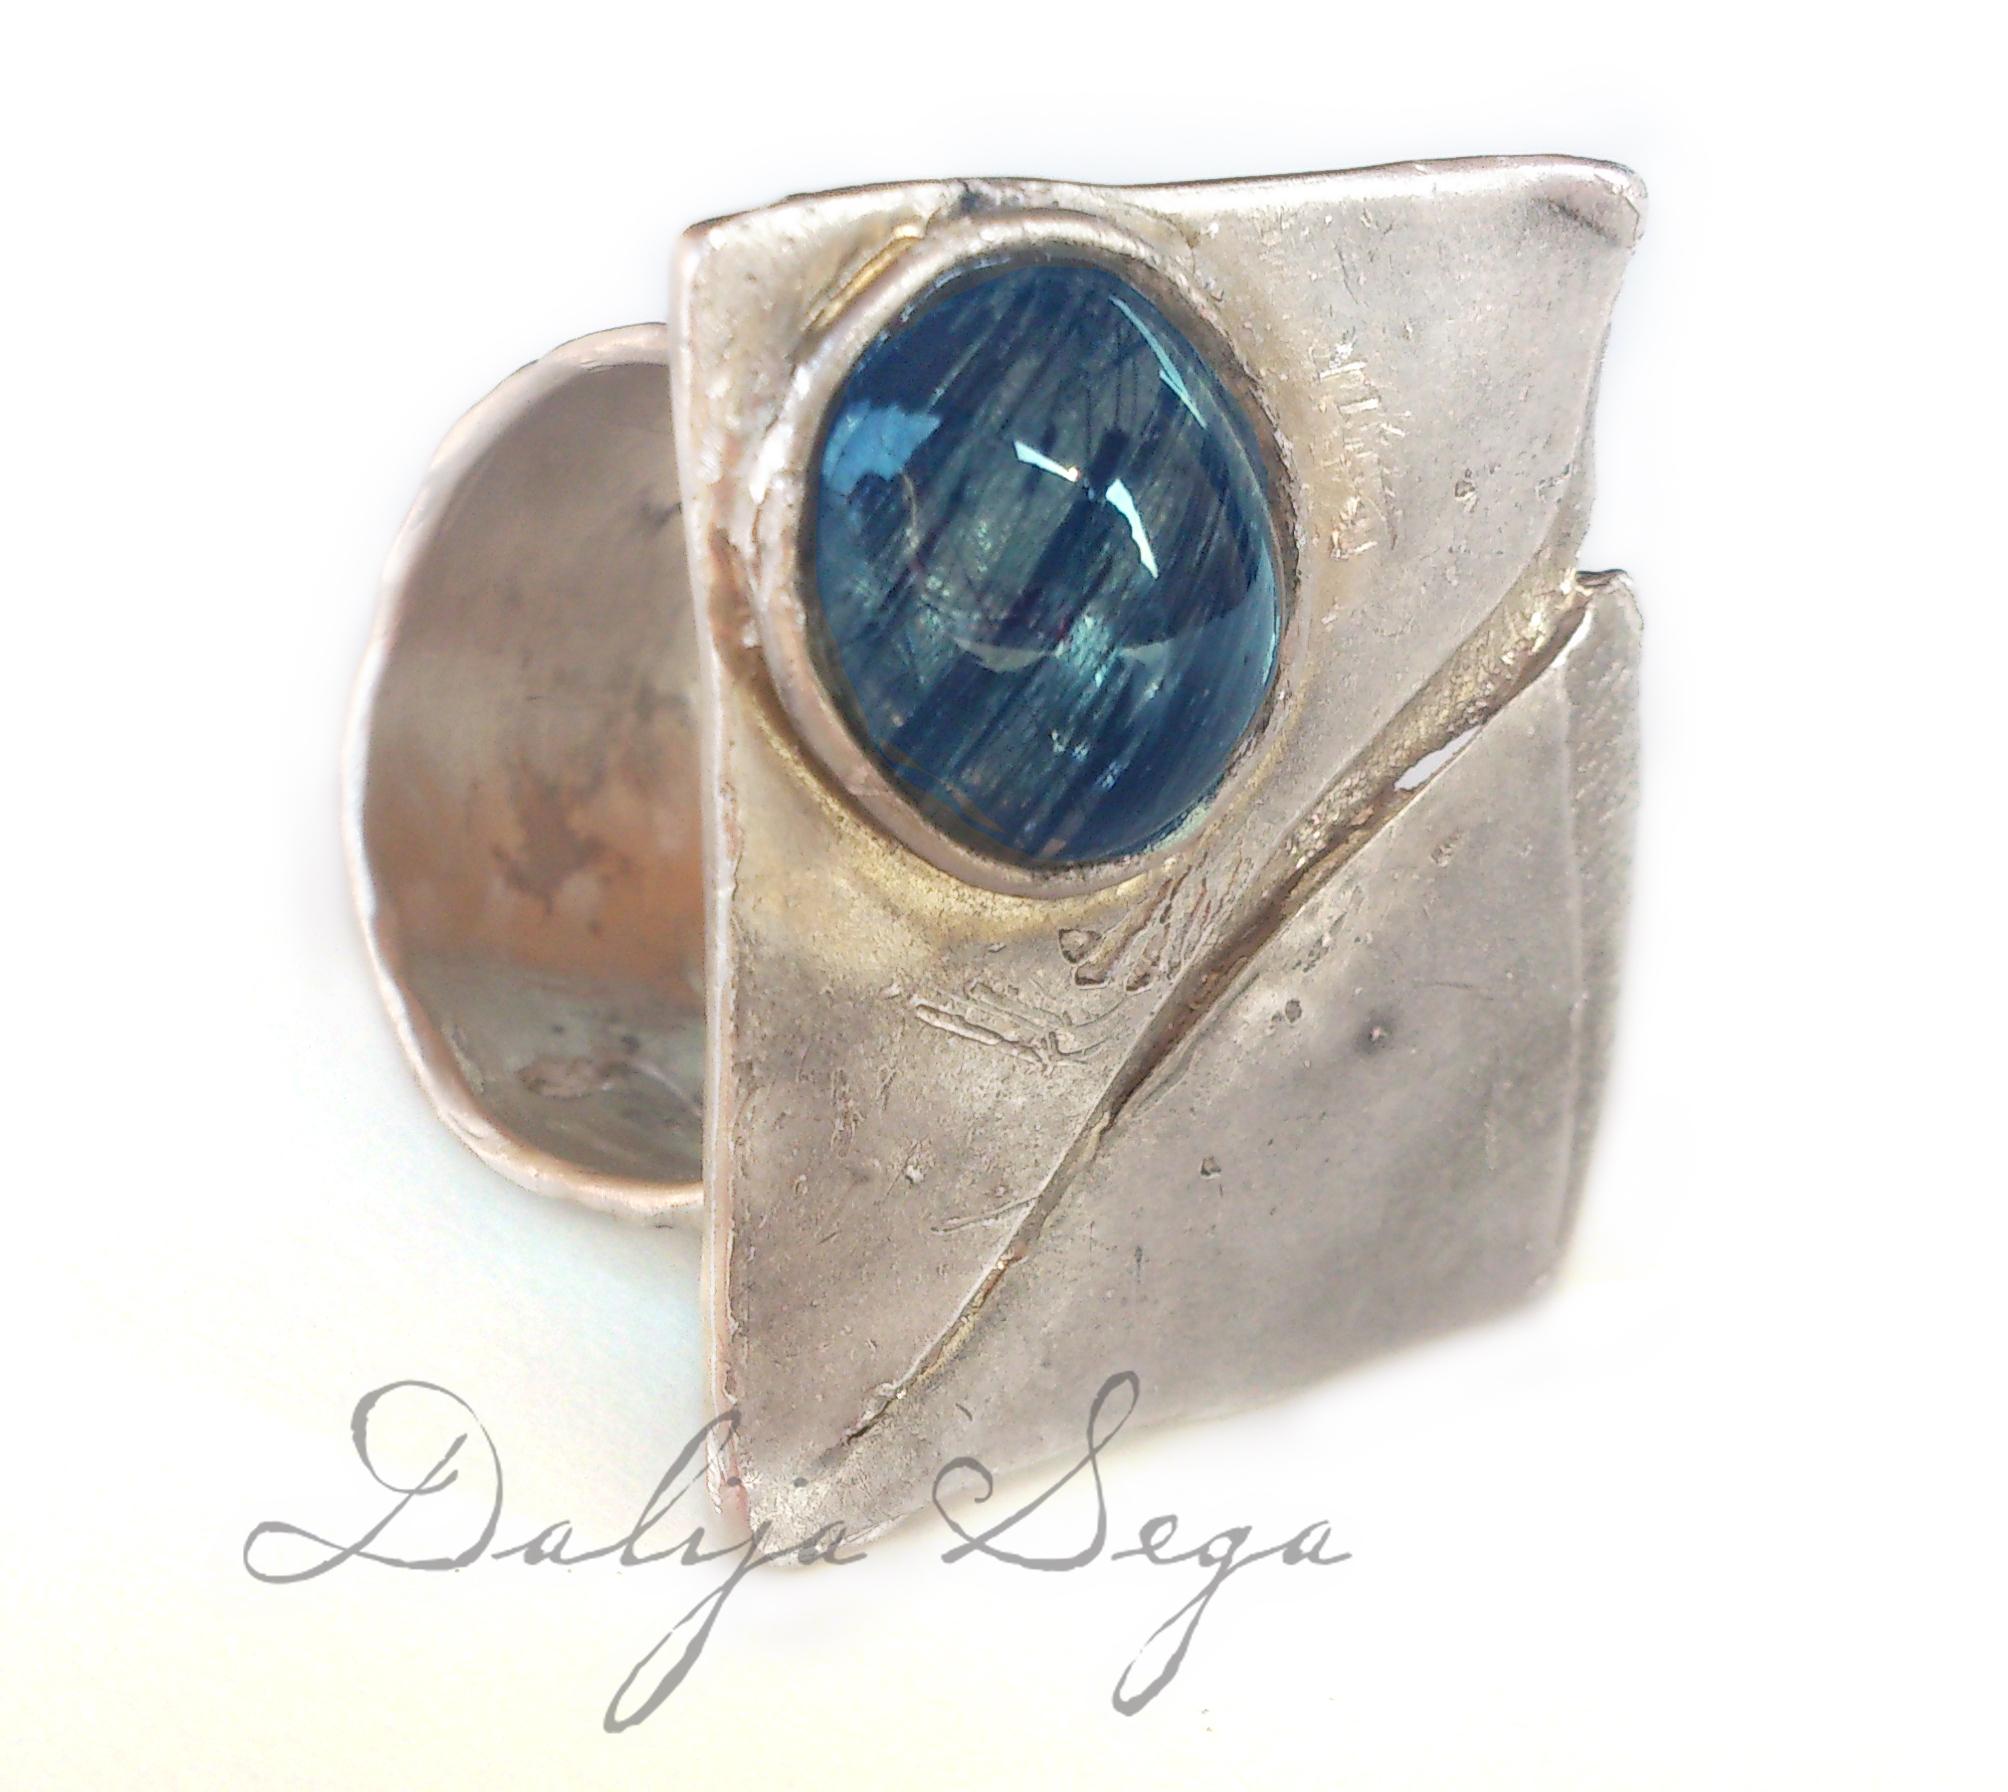 dalija-sega-ring-prstan-kvarz2.jpg